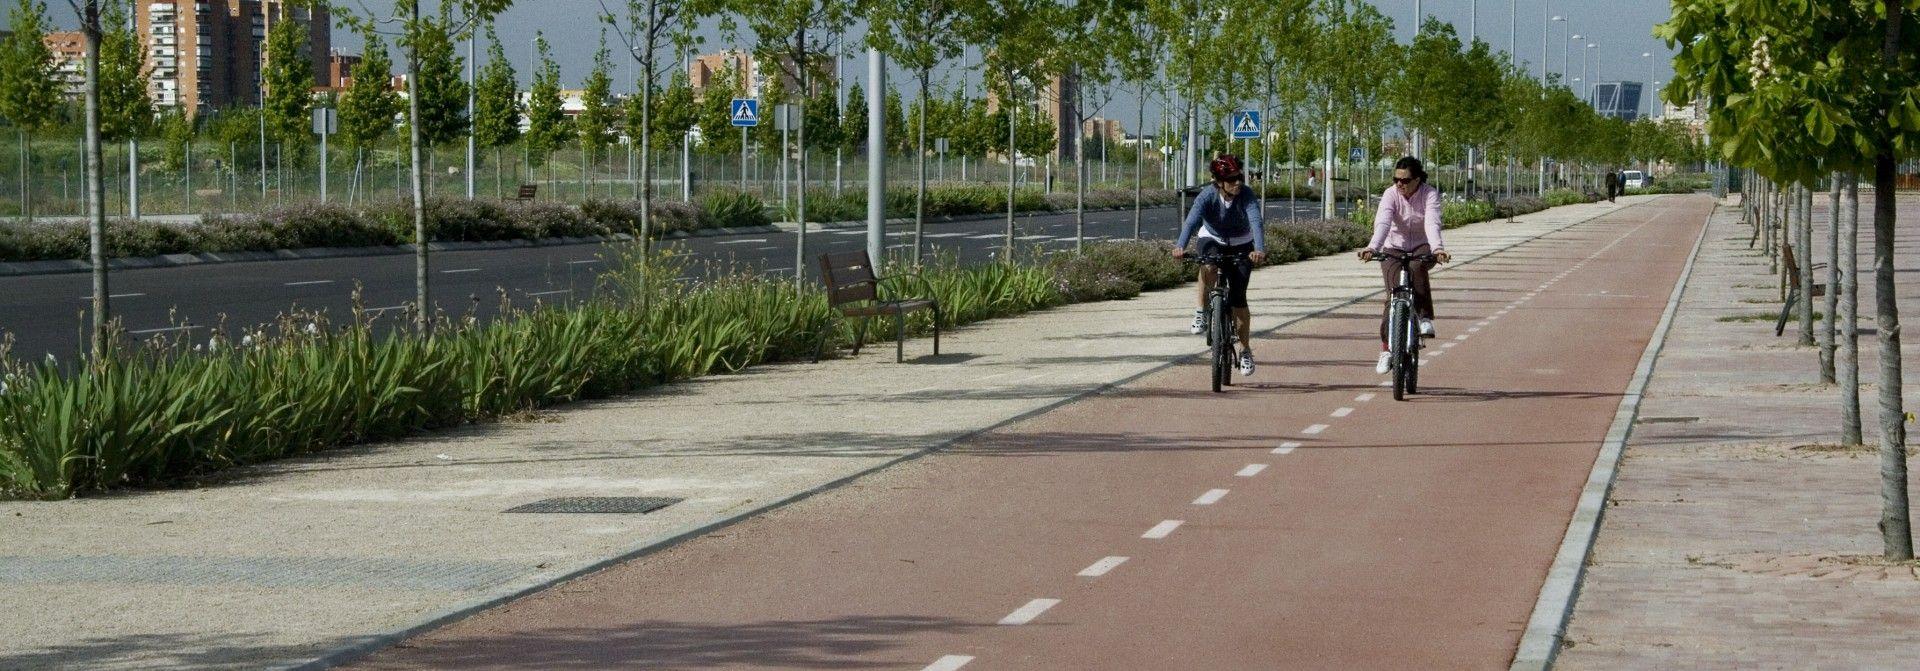 Las zonas verdes de Valdebebas protagonistas del deporte en Madrid